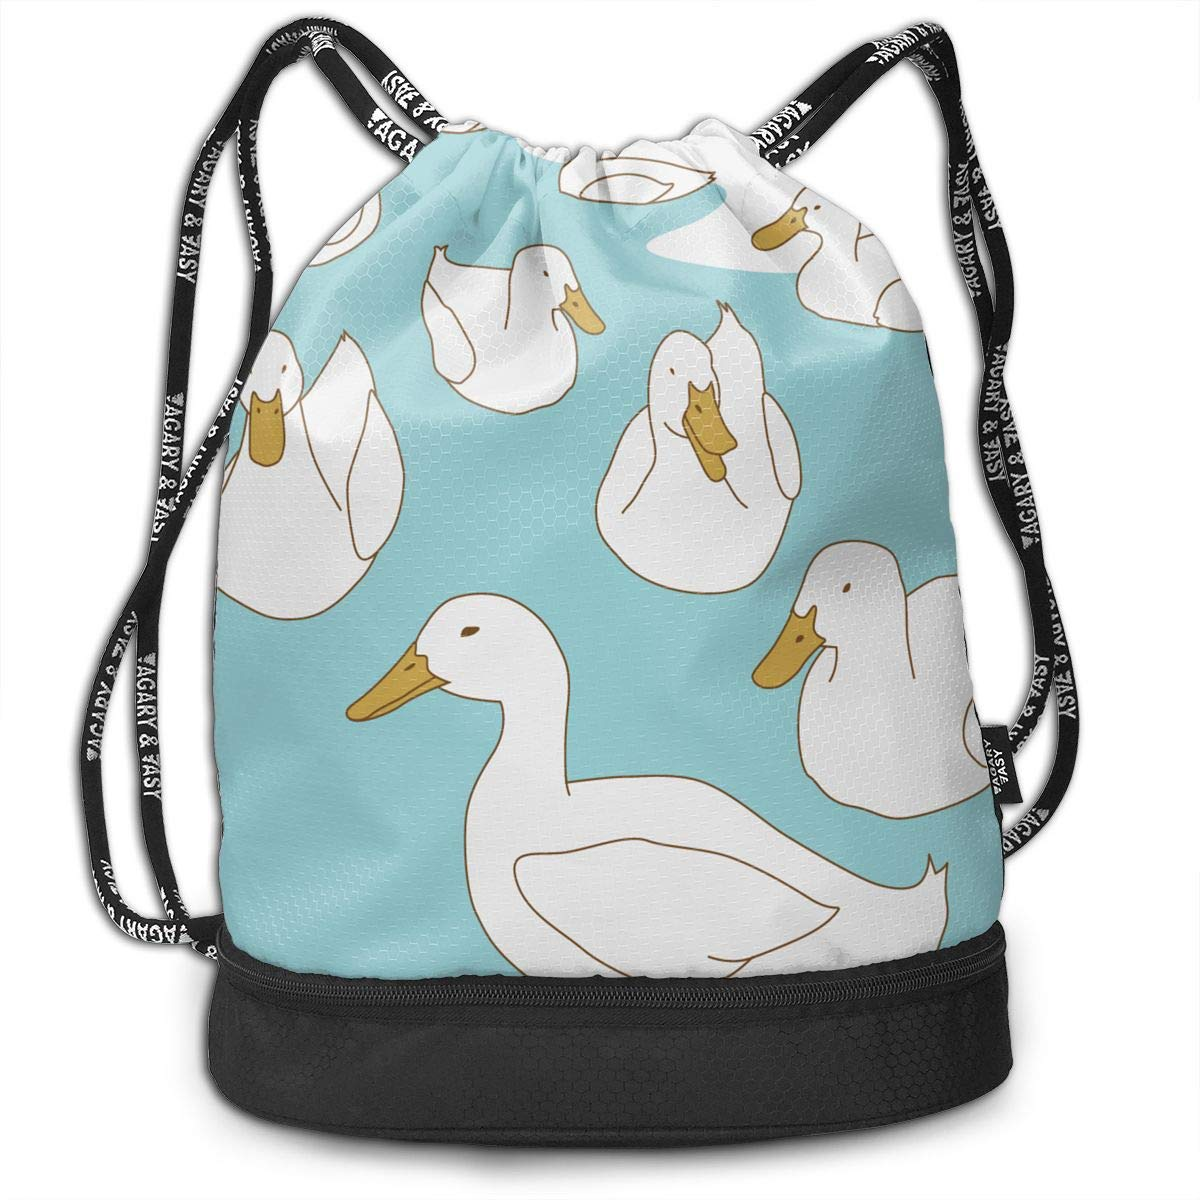 HUOPR5Q Swan Pattern Drawstring Backpack Sport Gym Sack Shoulder Bulk Bag Dance Bag for School Travel